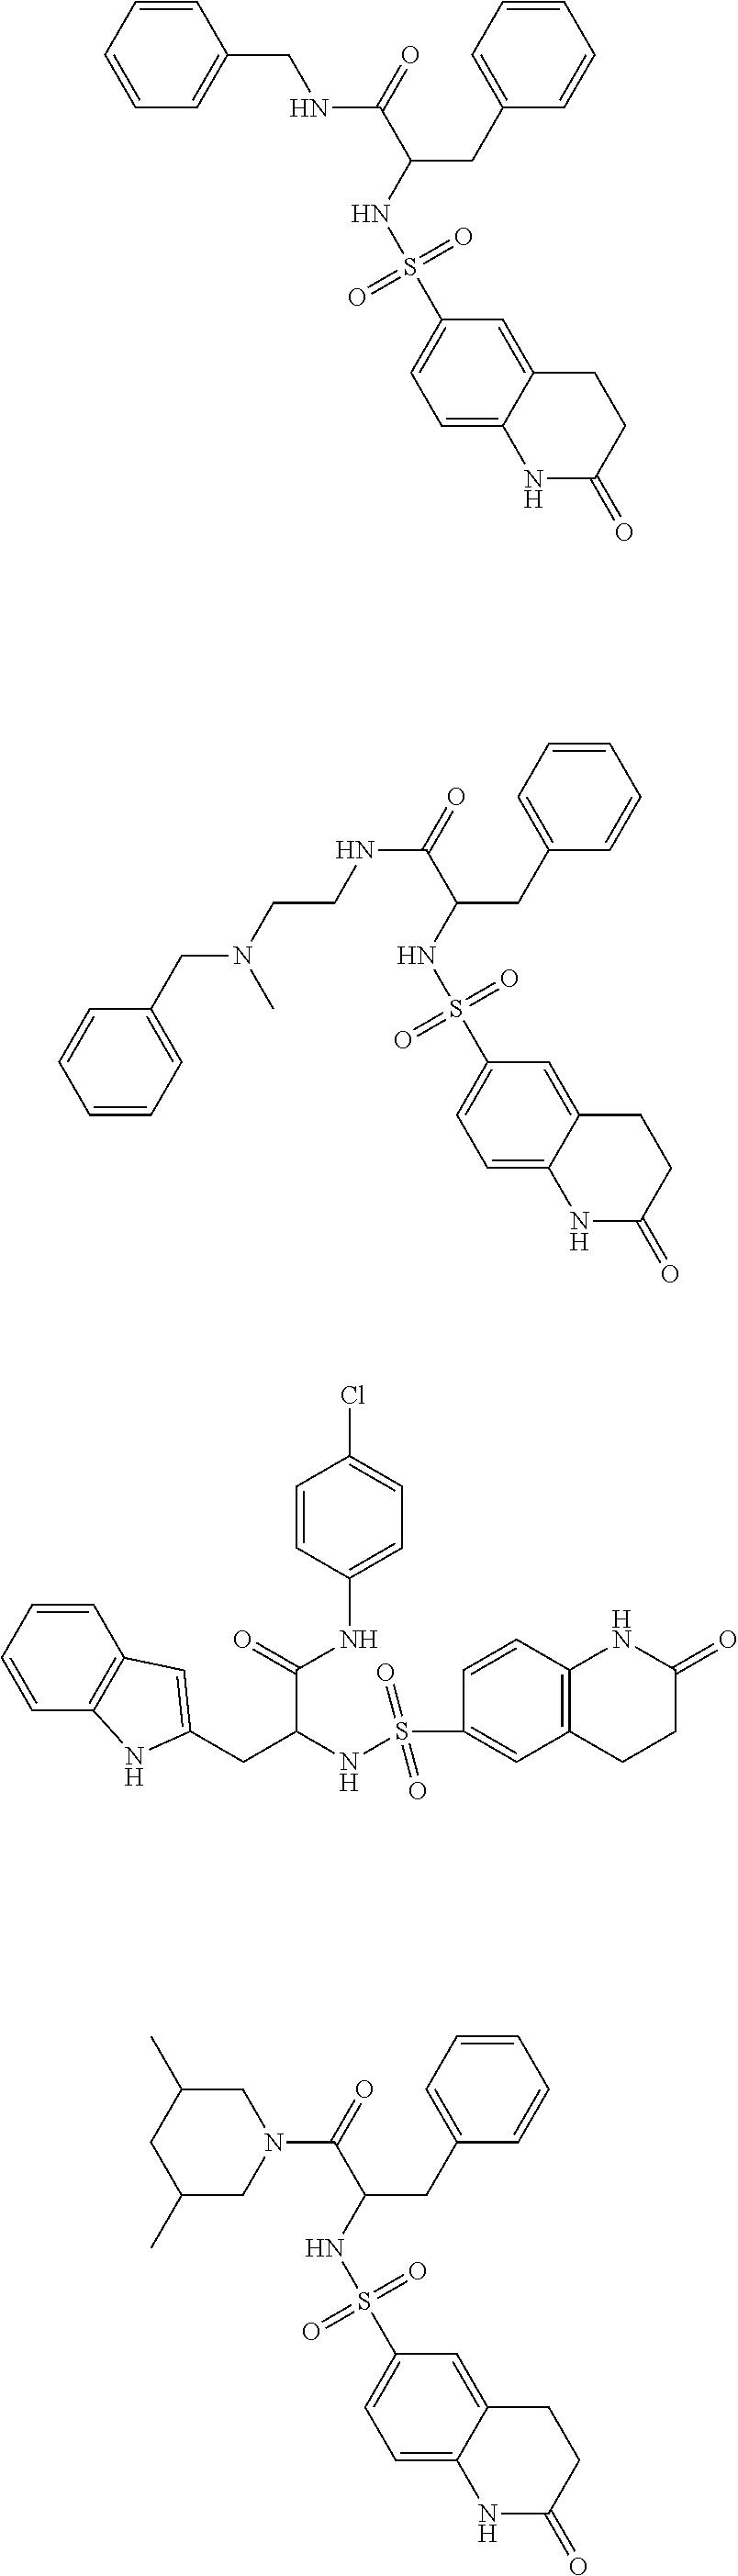 Figure US08957075-20150217-C00043